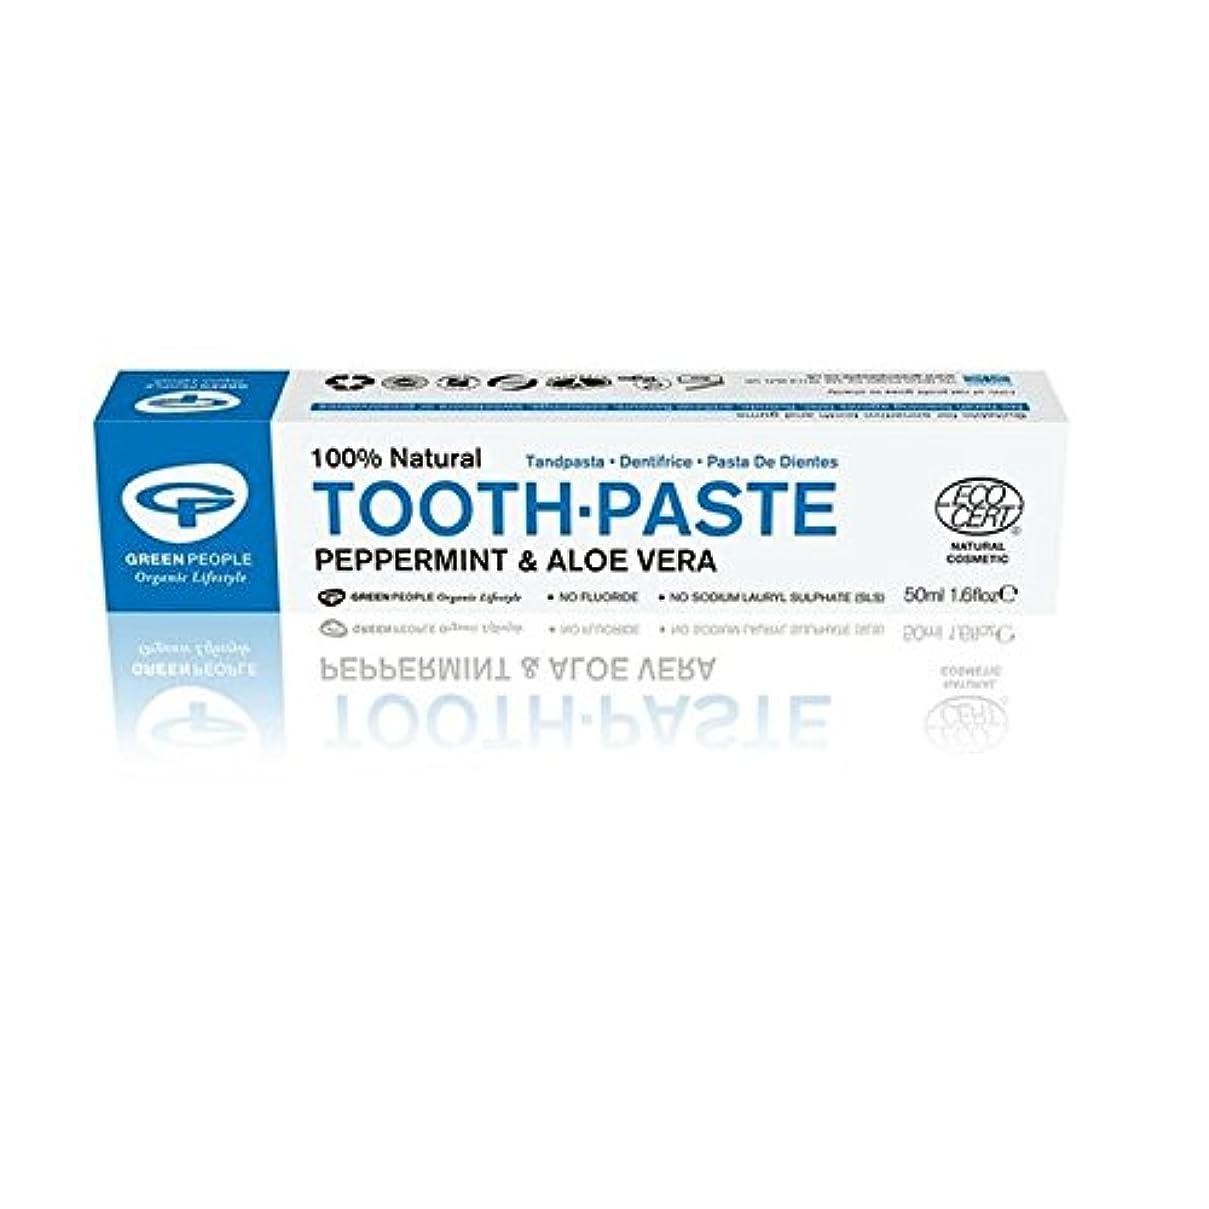 波紋ペリスコープあそこ緑の人々の自然ミント歯磨き粉50ミリリットル x4 - Green People Natural Mint Toothpaste 50ml (Pack of 4) [並行輸入品]